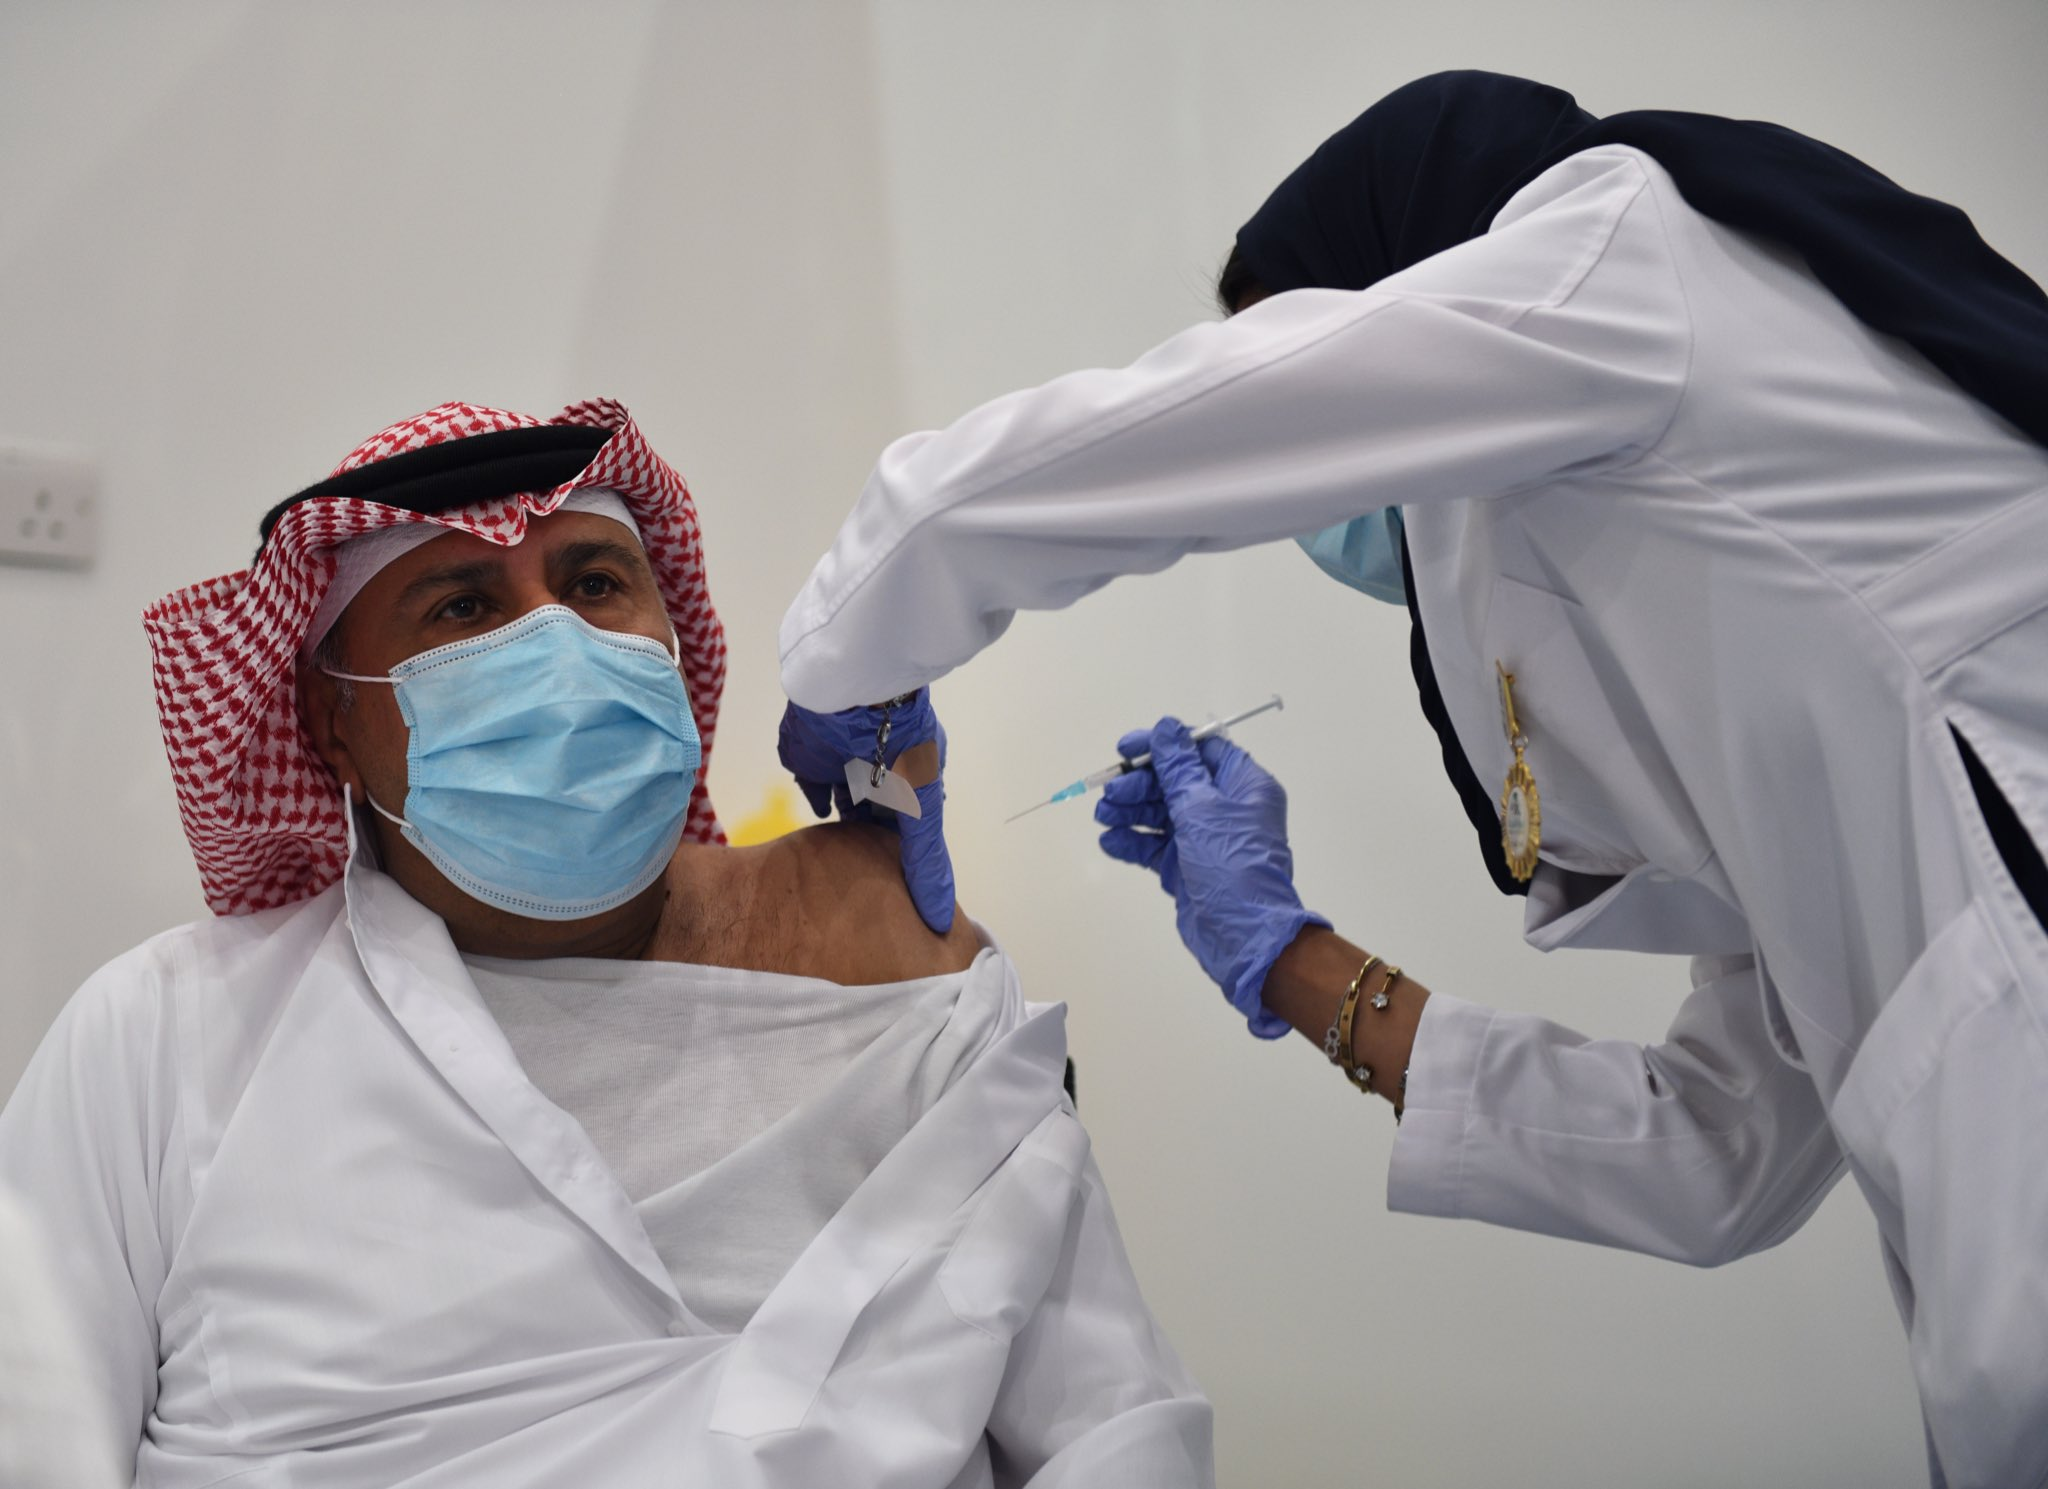 السعودية تبدأ حملة التطعيم ضد كورونا.. شاهد ردة فعل أول سيدة تلقت اللقاح